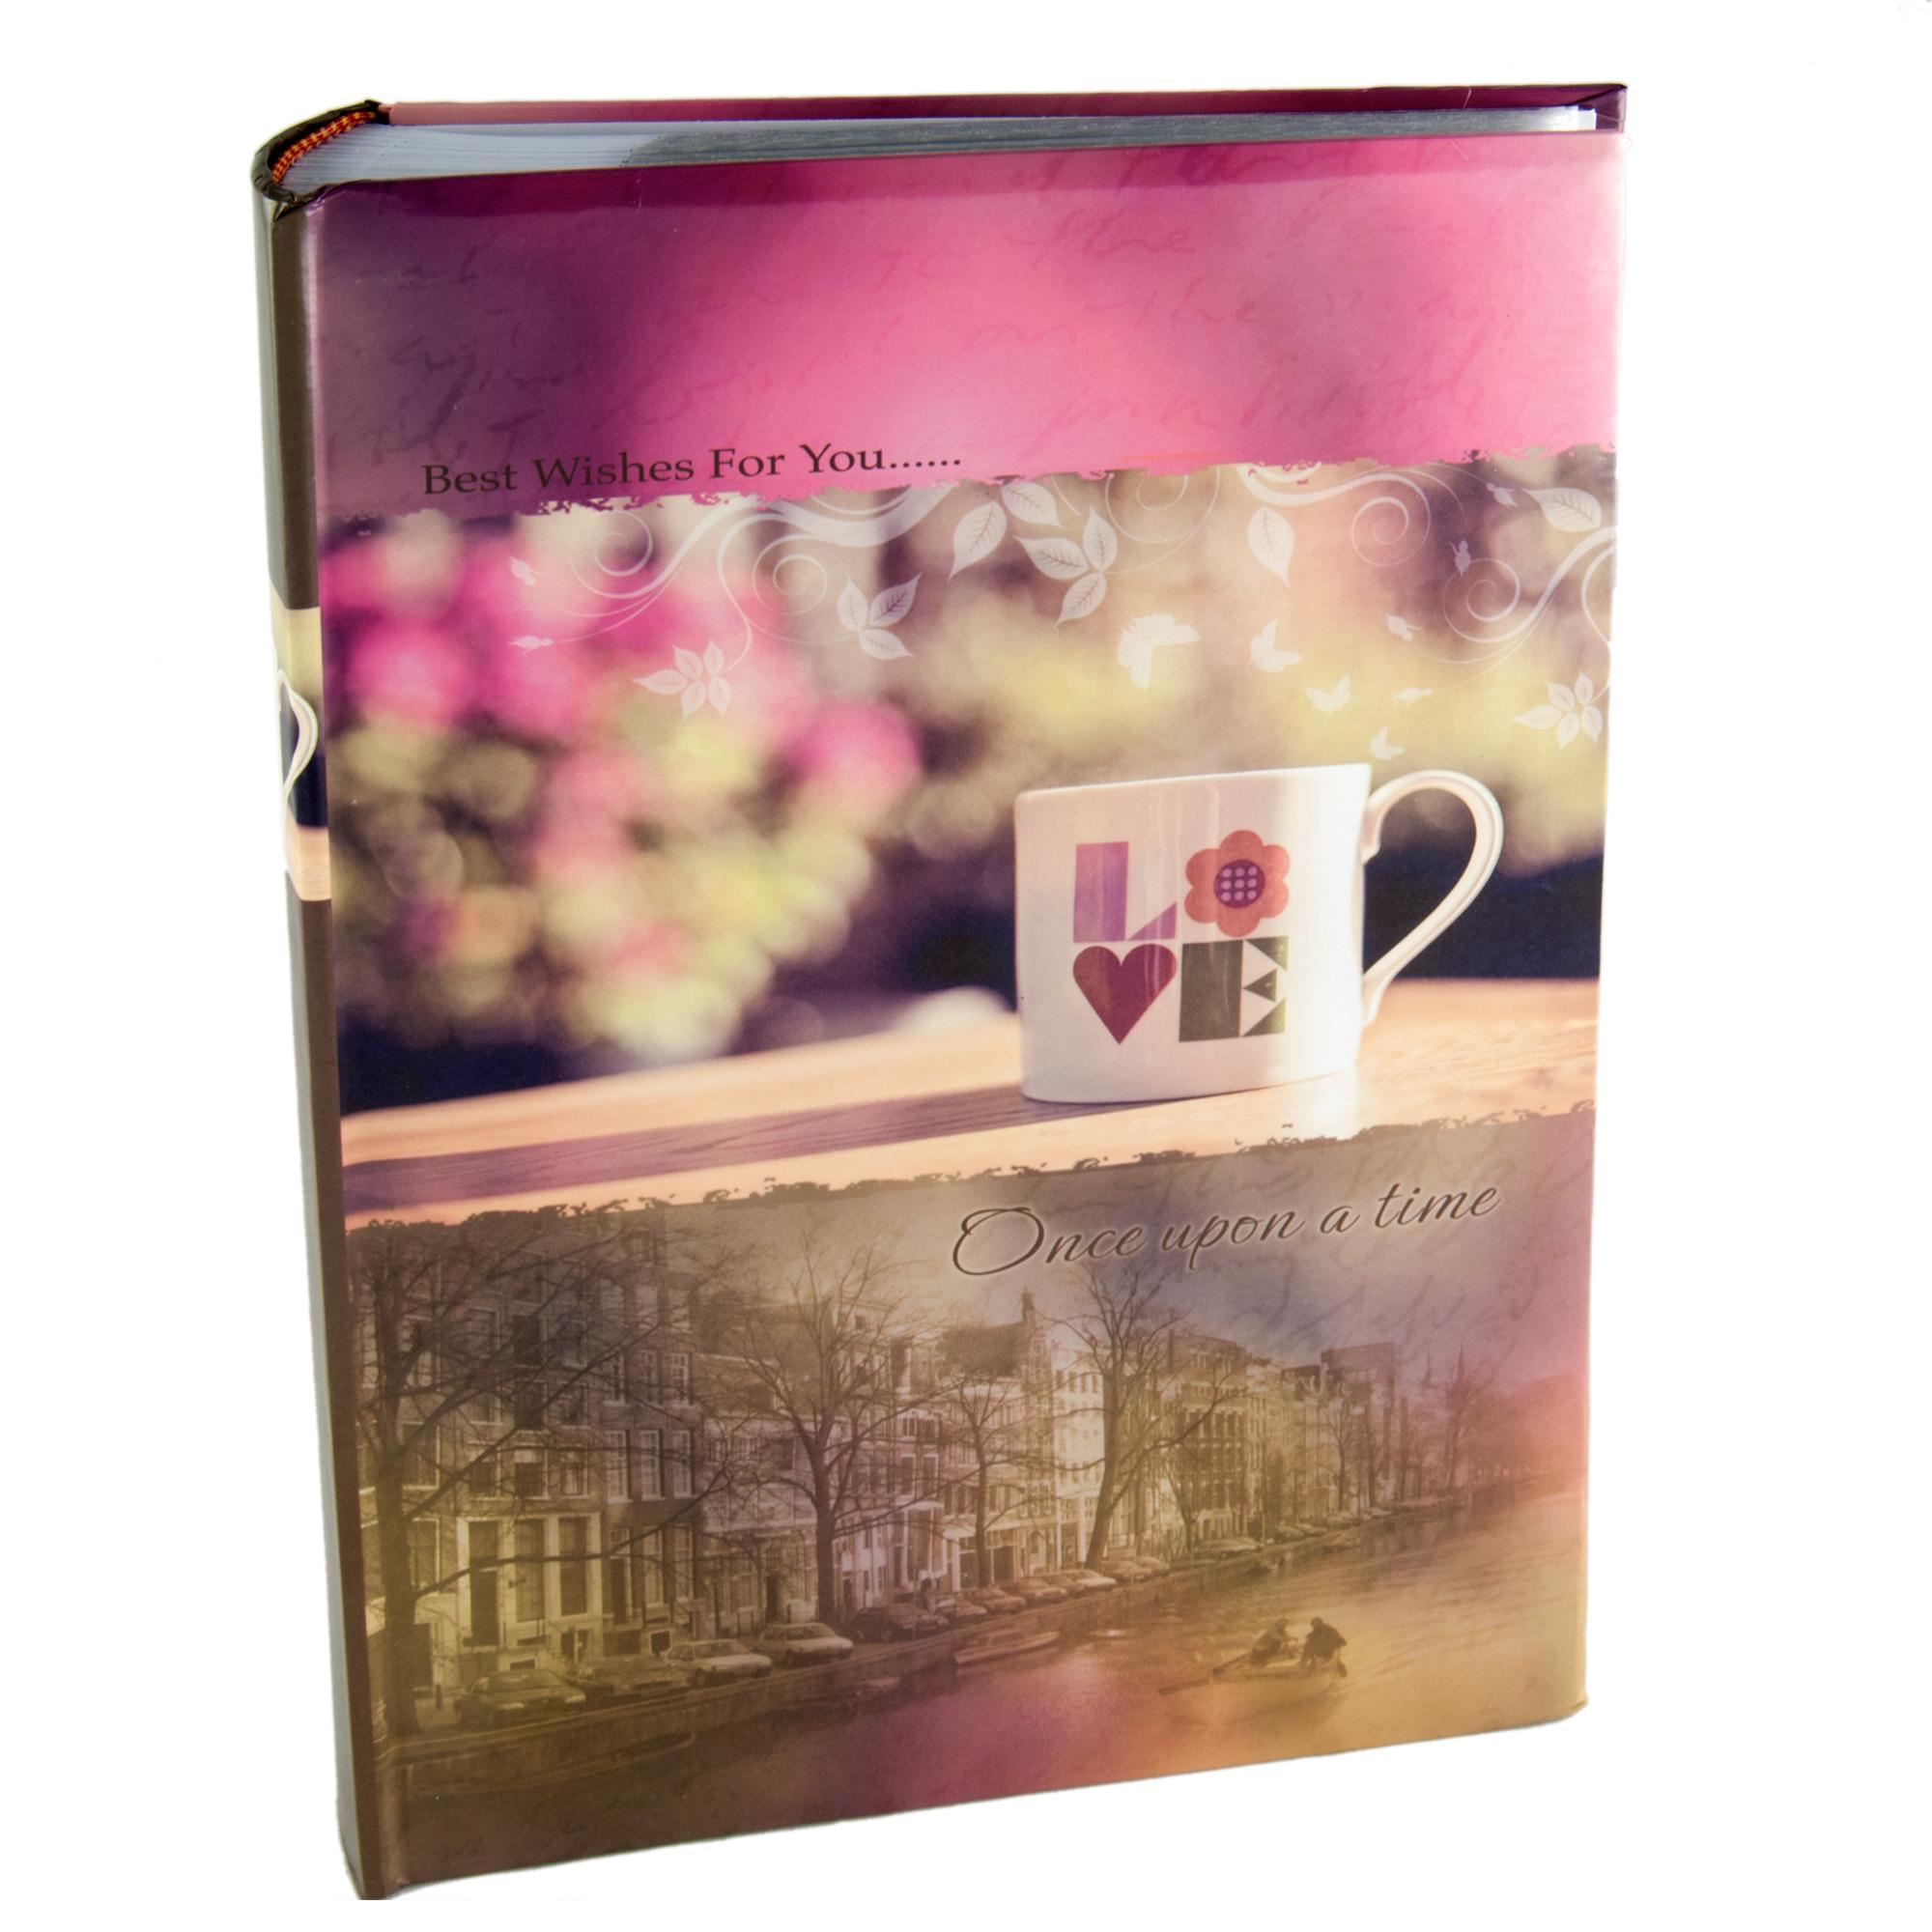 Фотоальбом Platinum Классика, 360 фотографий, 10 x 15 смС-46360RCL-3UP Классика (36-2215)Фотоальбом на 360 фото, размер фото 10 х 15 см. Пластиковые листы (книжный переплёт).